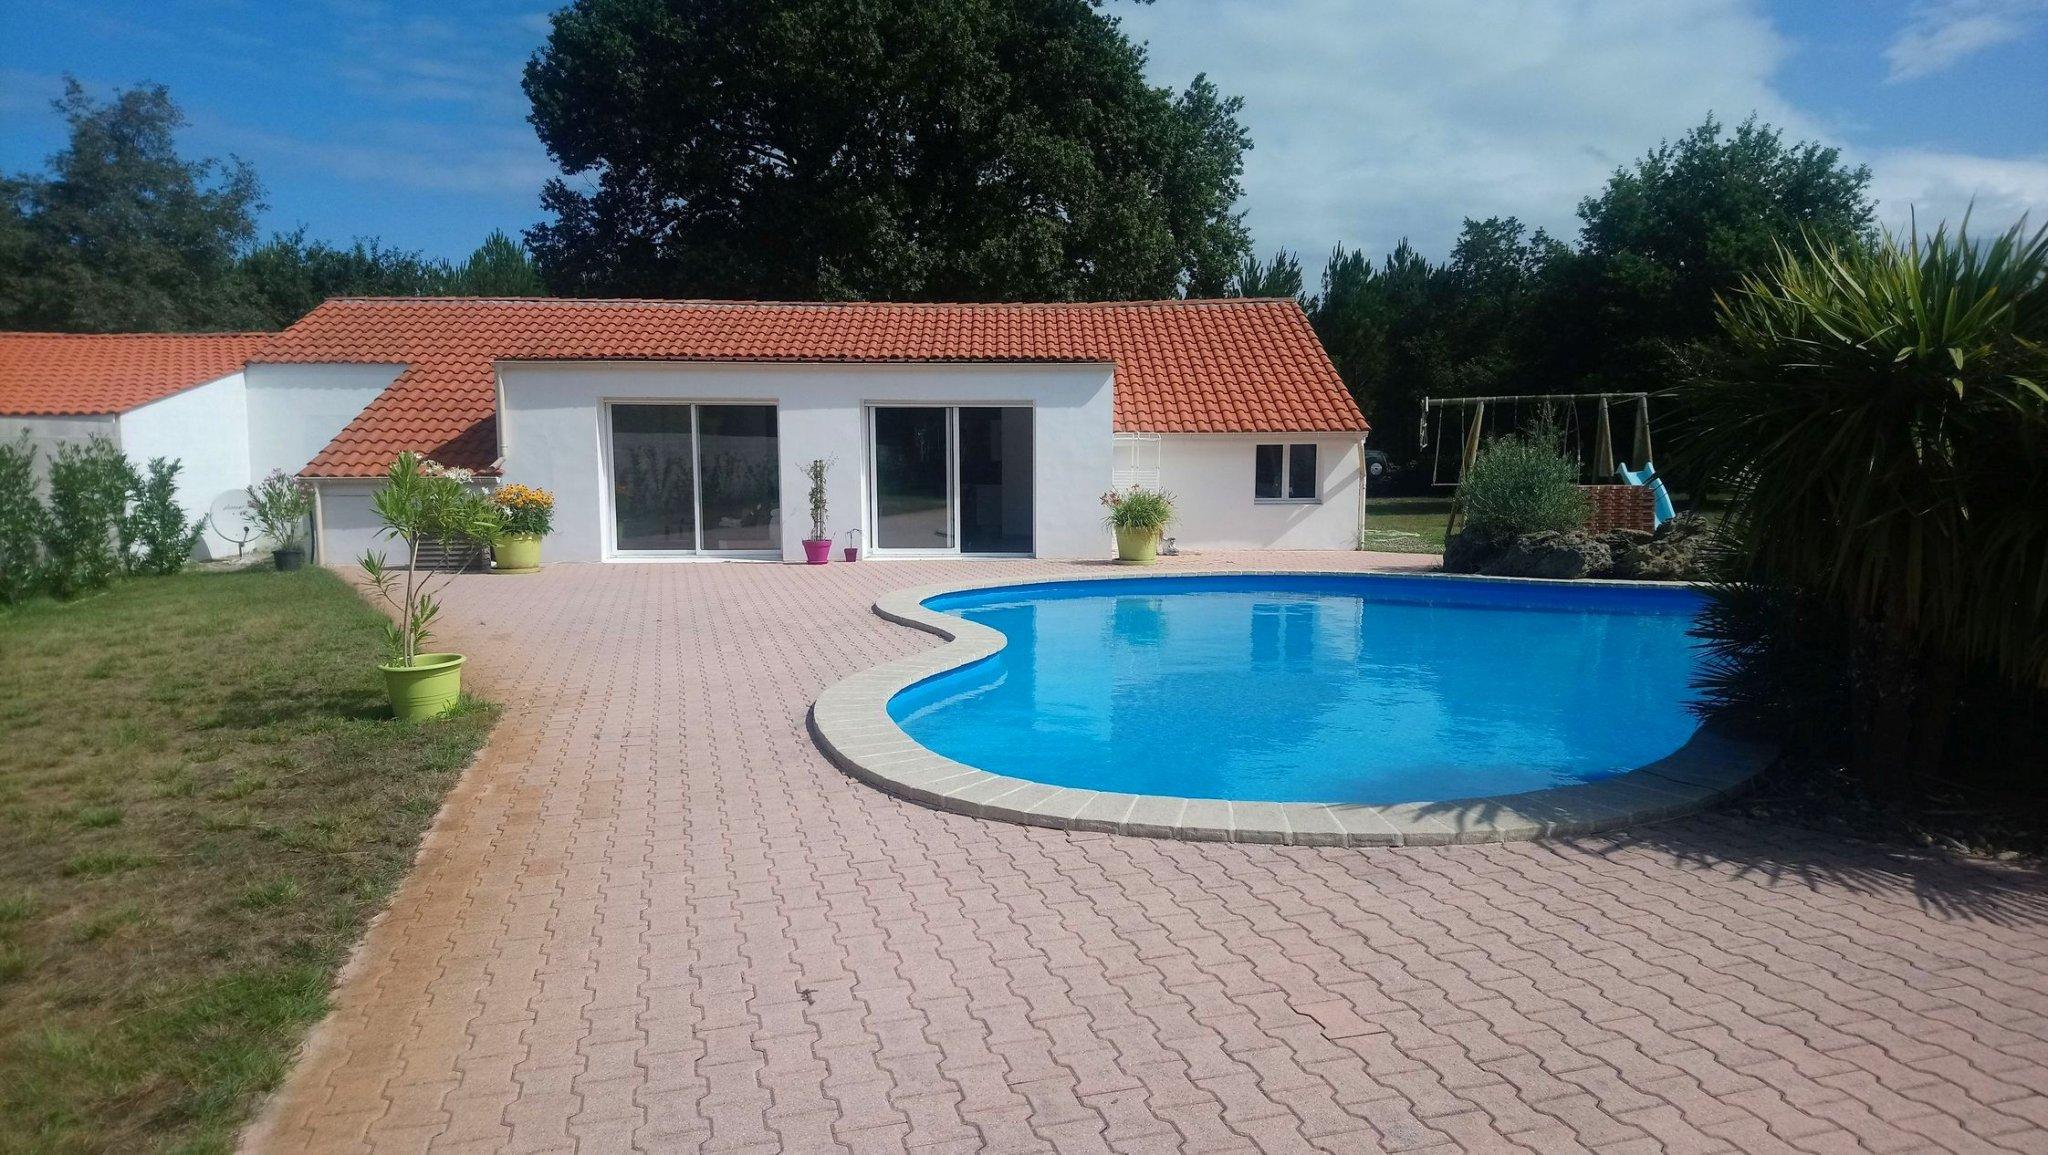 Maison Neuve De 110 M² Sur 1,6 Ha Avec Piscine Et Plan D'eau dedans Piscine Saint Paul Les Dax